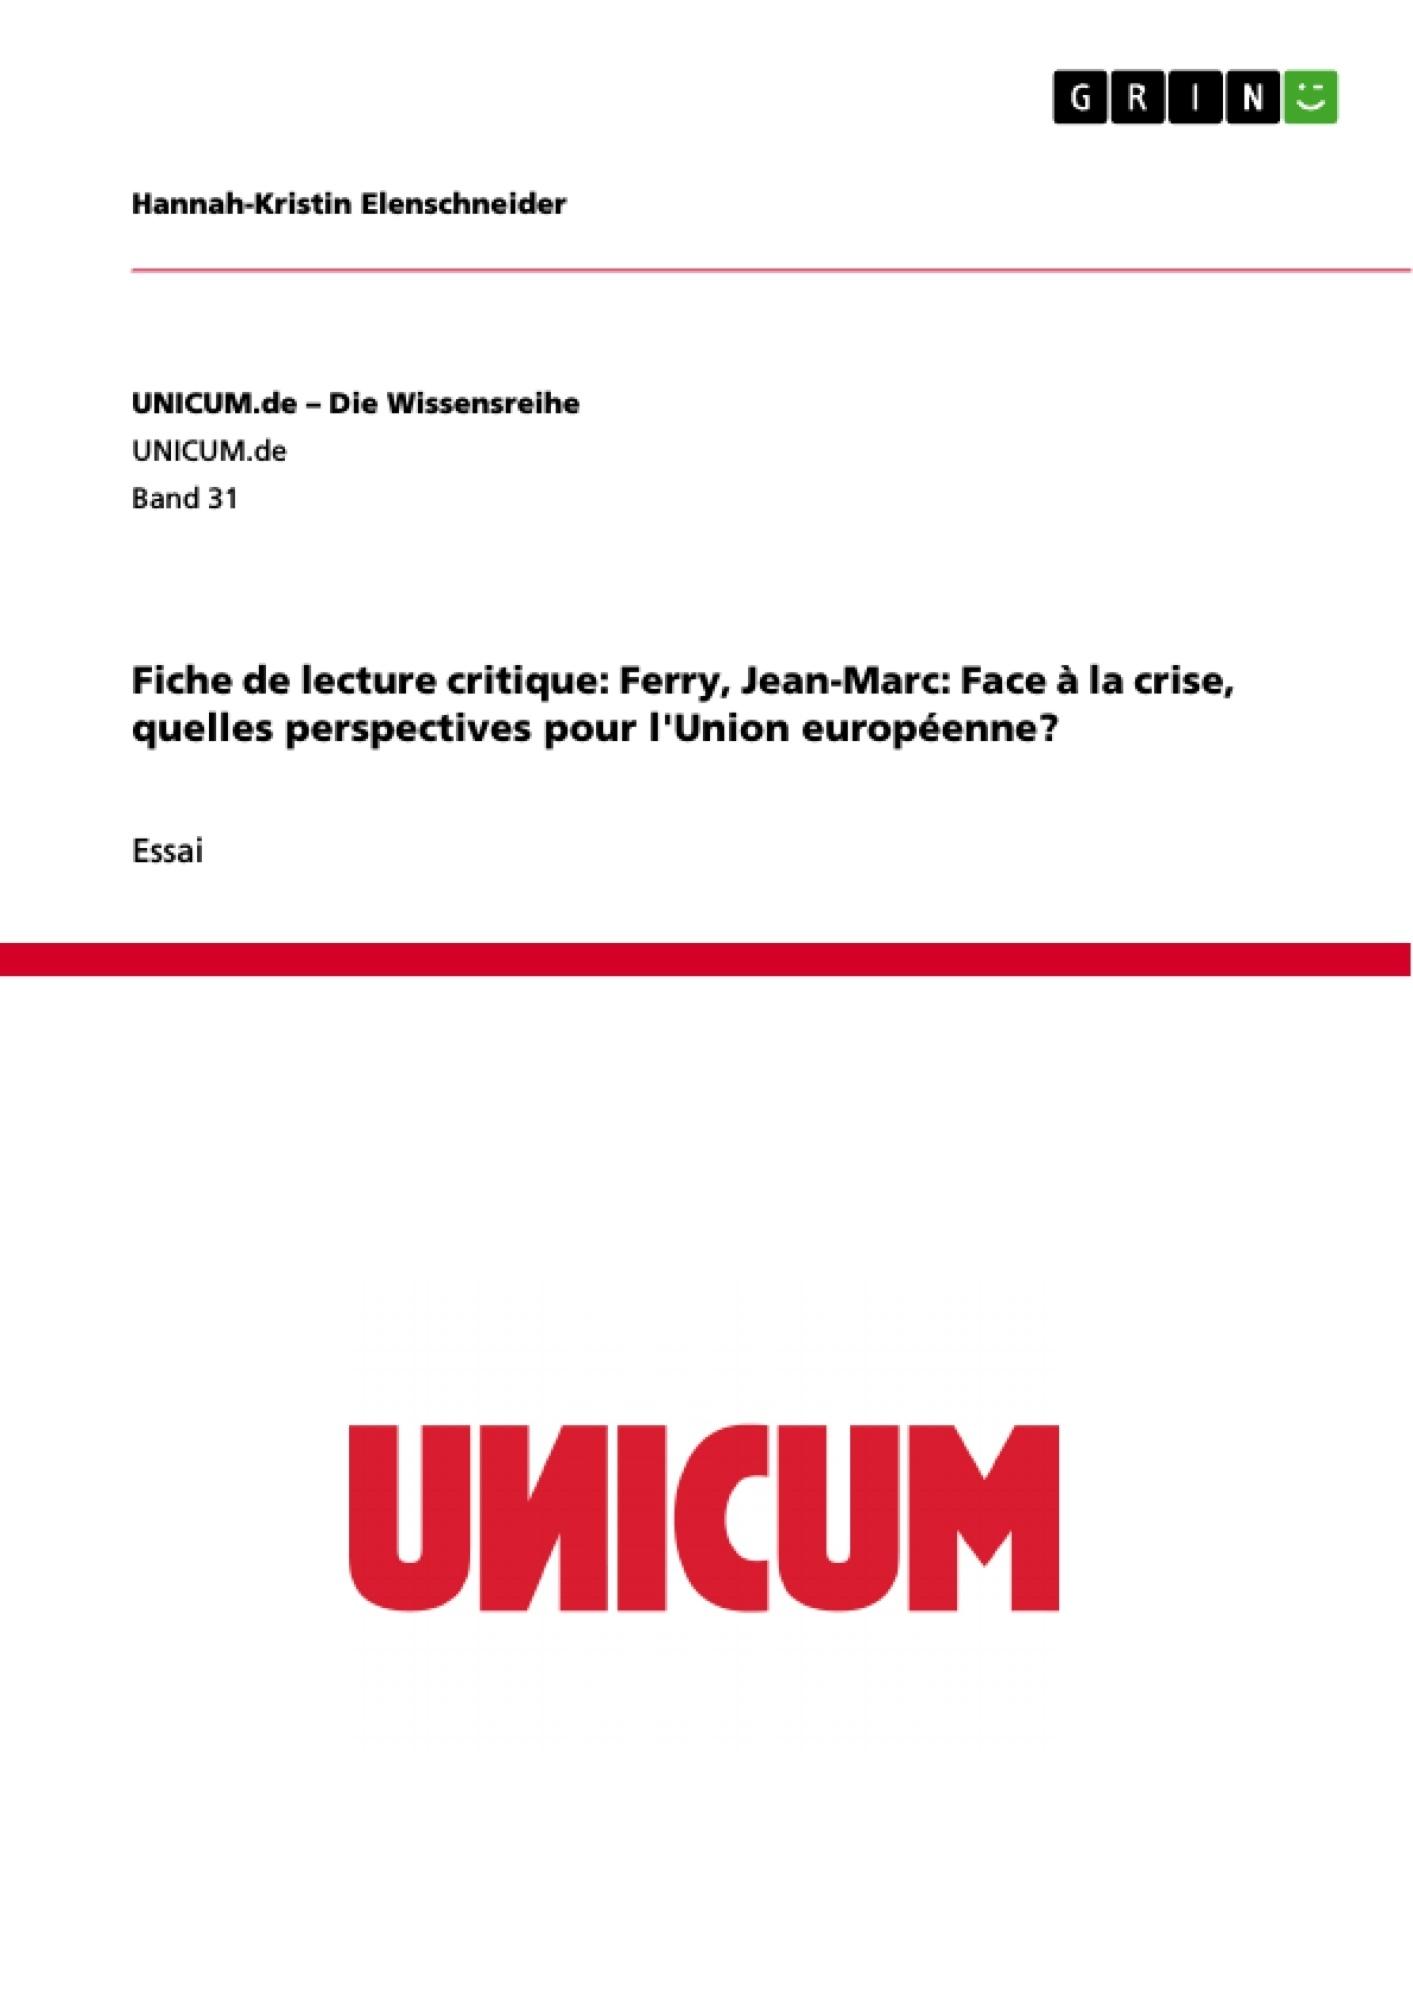 Titre: Fiche de lecture critique: Ferry, Jean-Marc: Face à la crise, quelles perspectives pour l'Union européenne?